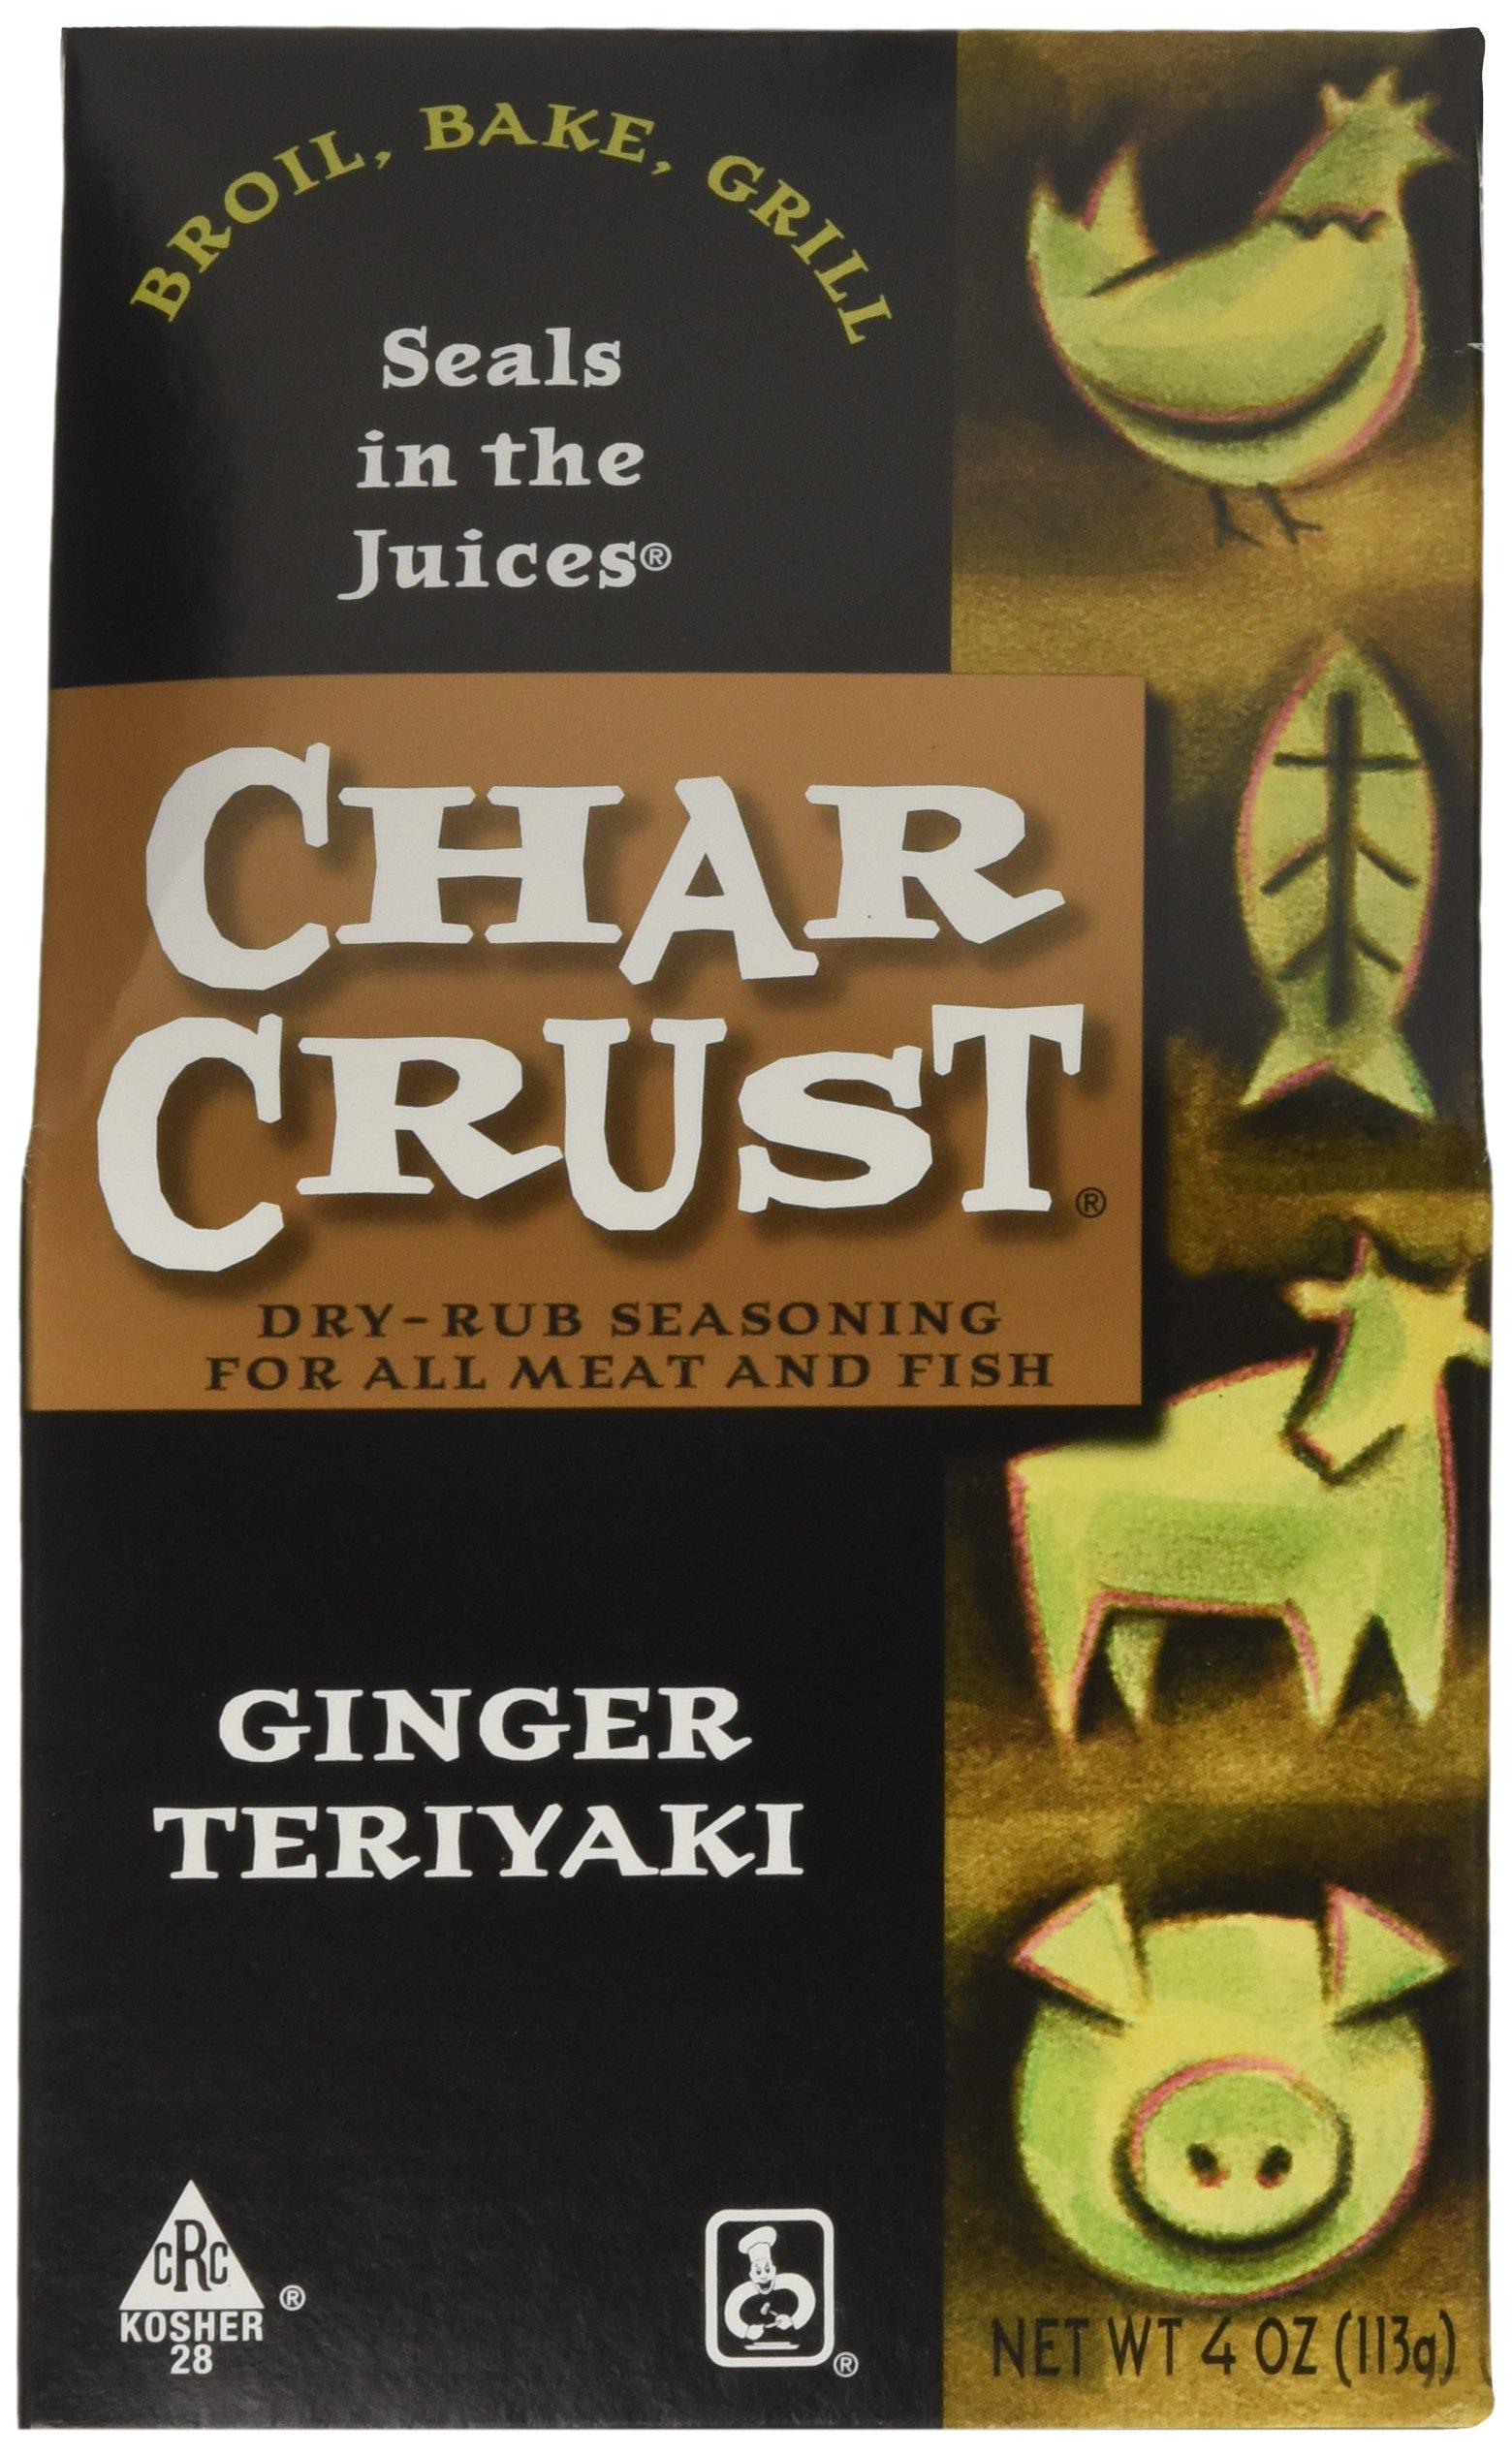 Char Crust Rub Seasoning Ginger Teriyaki, 4 oz